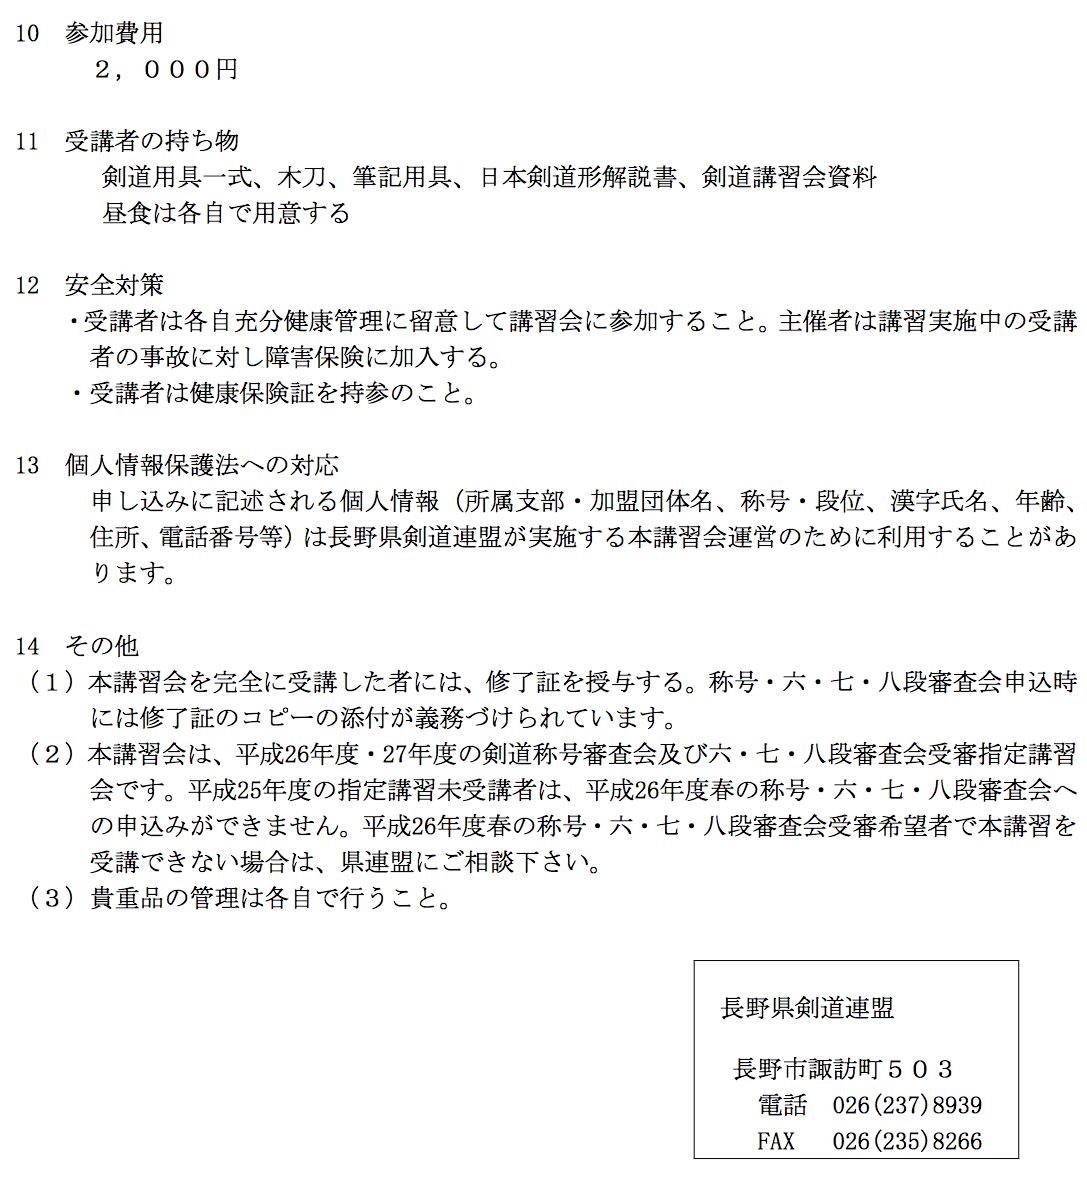 140222_kousyu_02